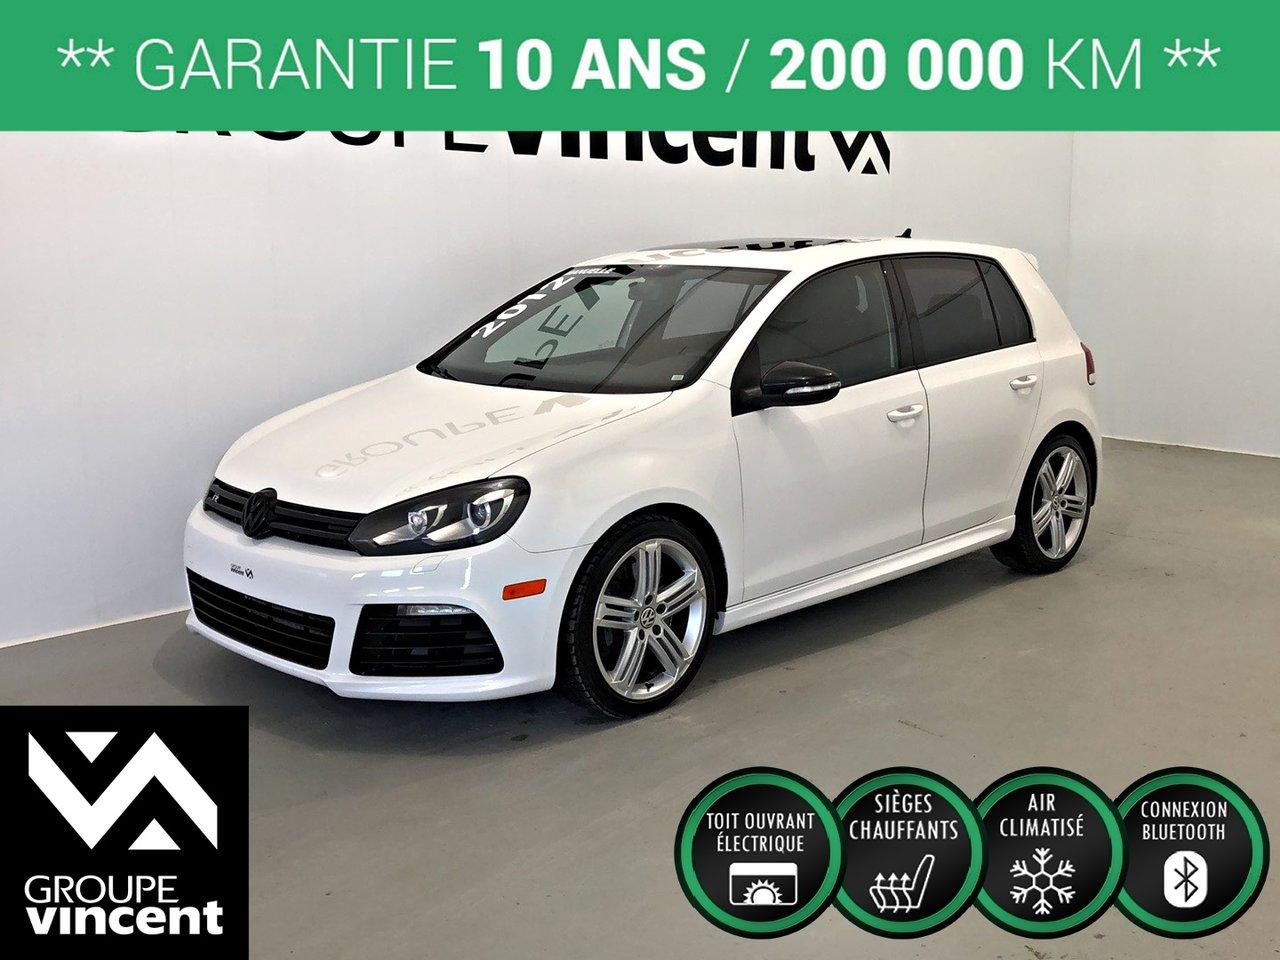 2012 Volkswagen  Golf R **GARANTIE 10 ANS**